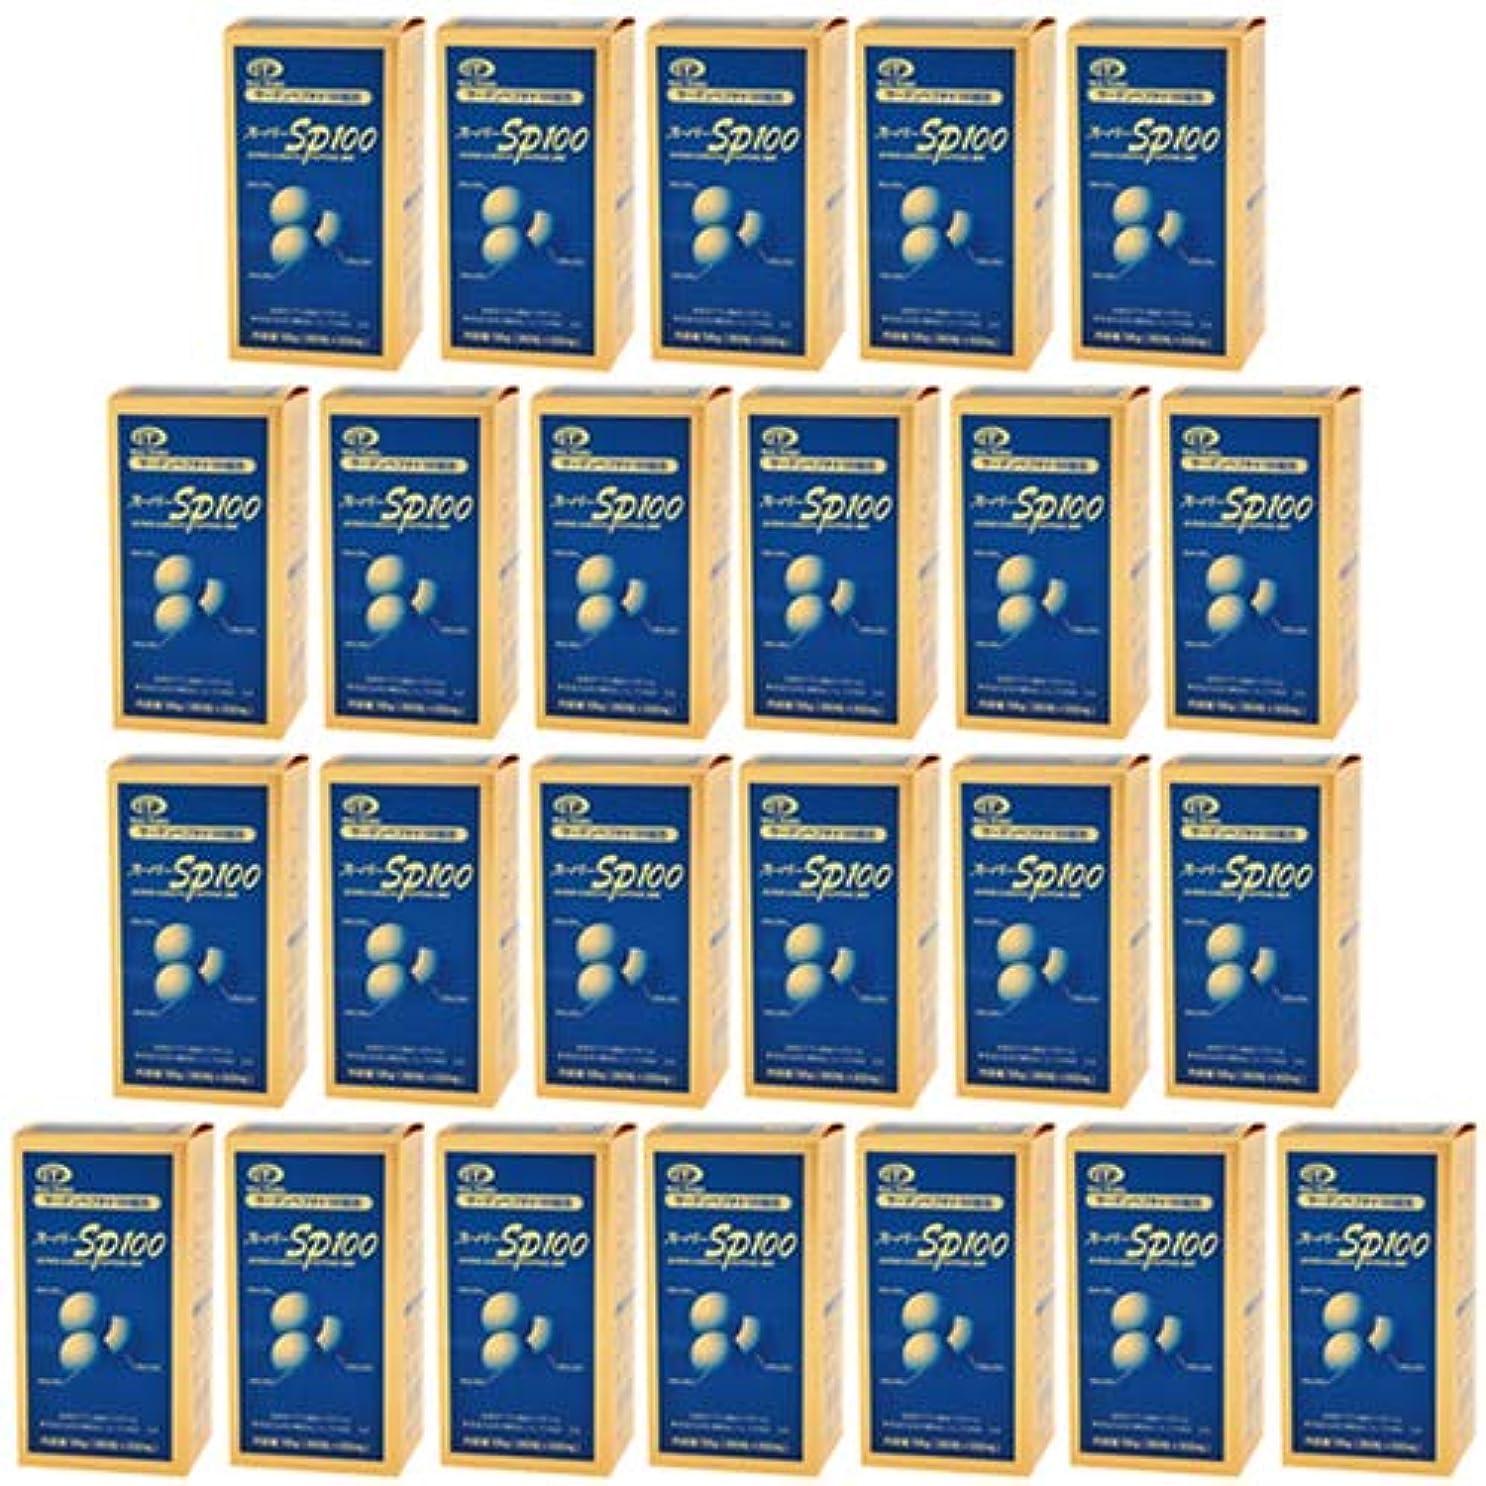 発明抵抗なにスーパーSP100(イワシペプチド)(360粒) 24箱